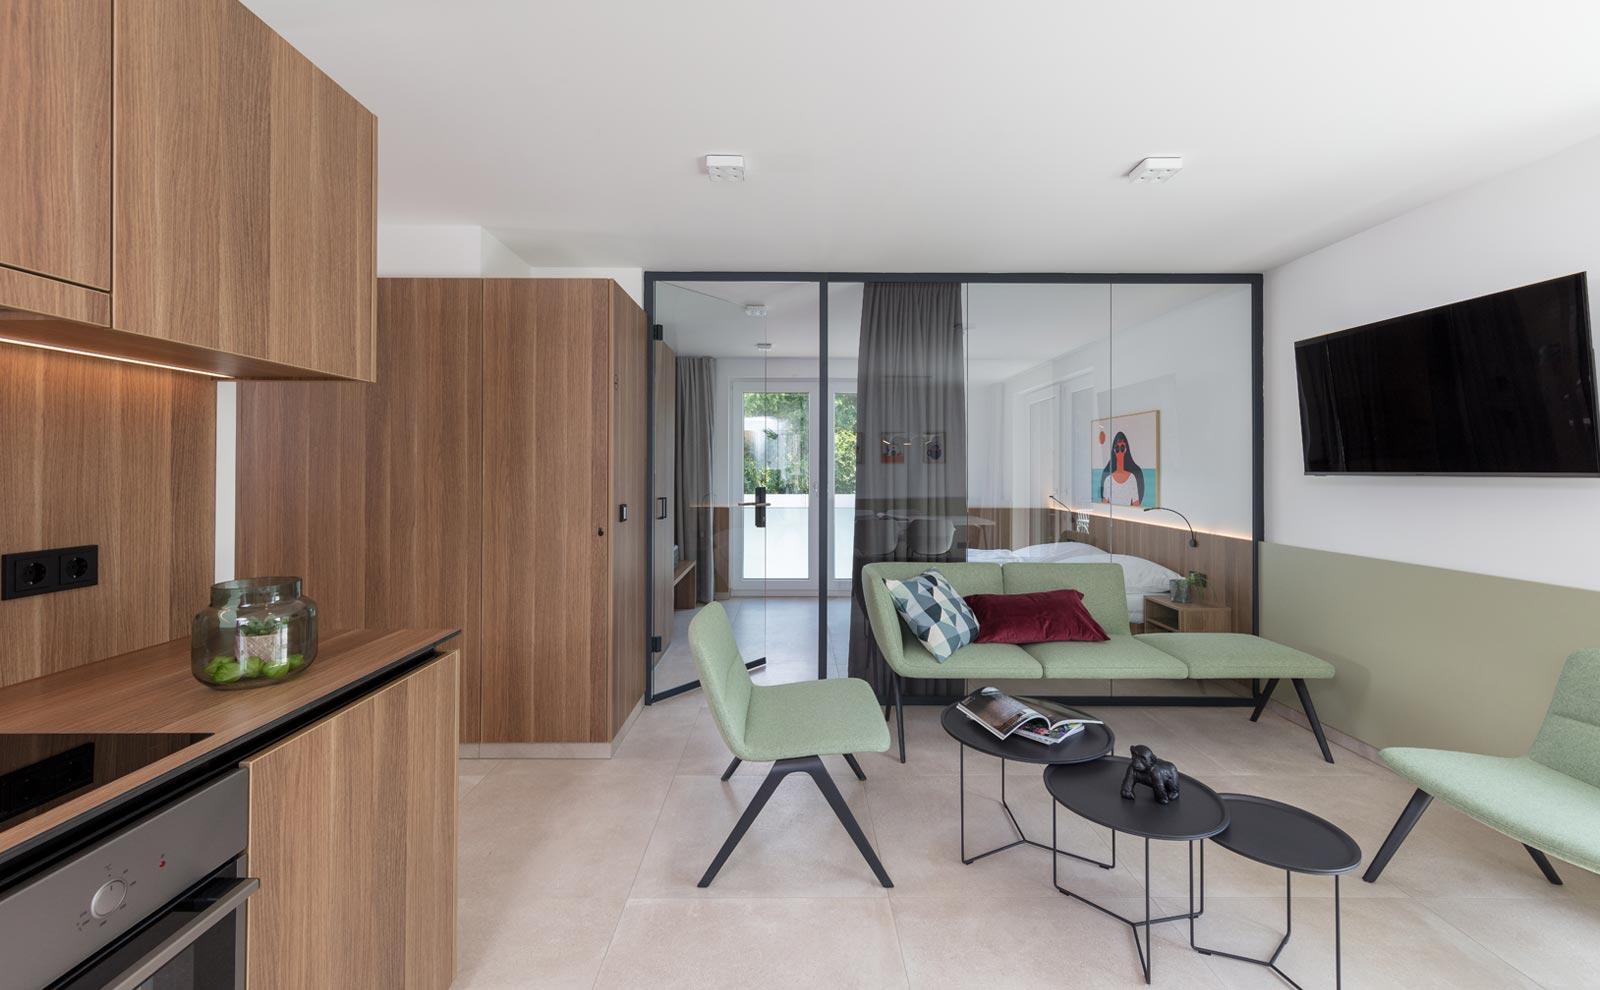 Innenausstattung des Gästehaus Jopa Joma mit grüner Einrichtung